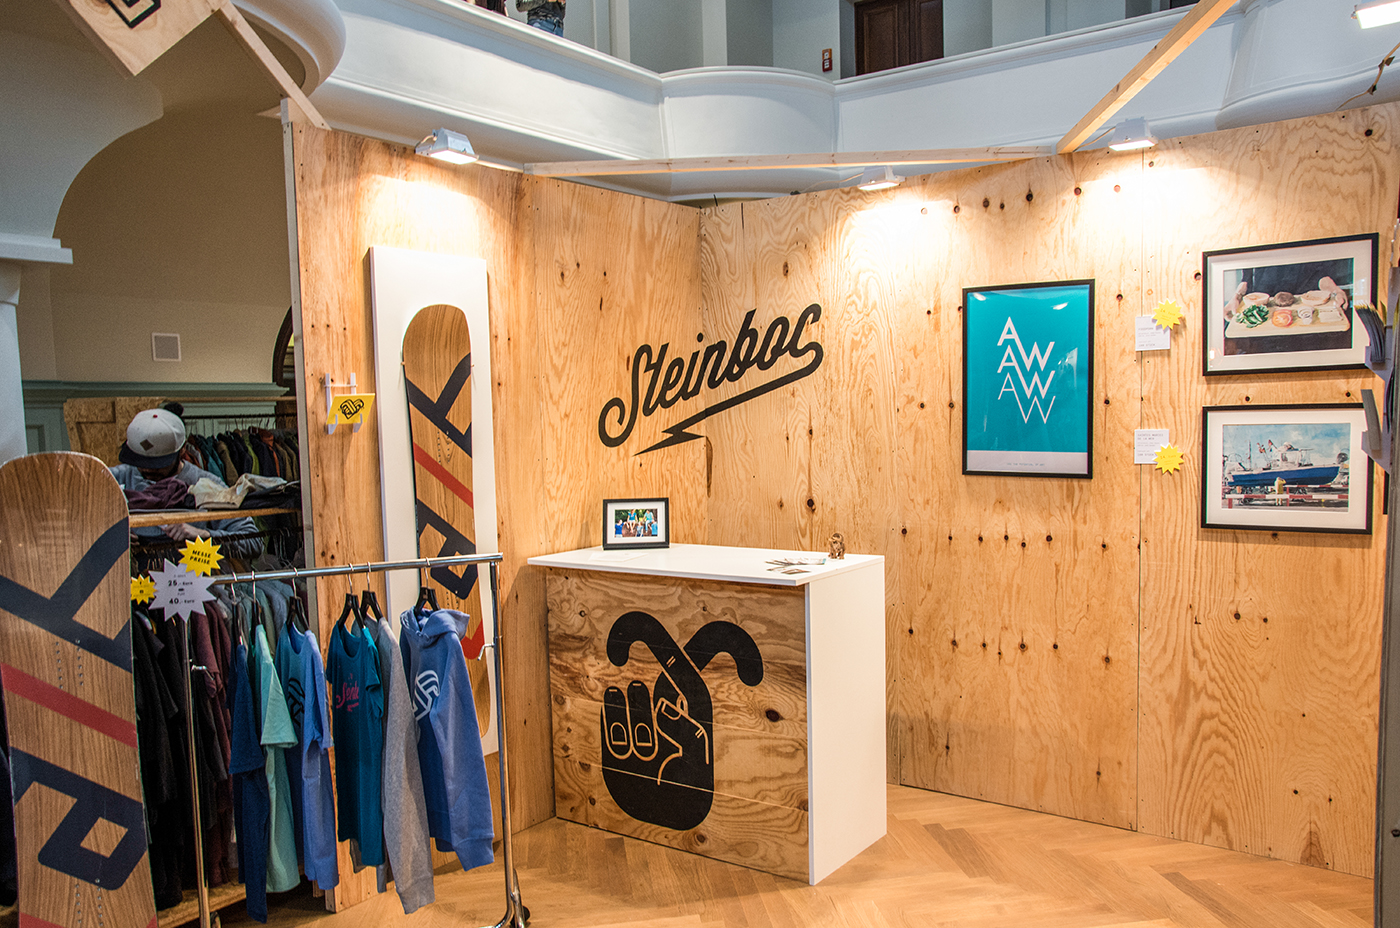 steinboc-messe-stijlmarkt-designmarkt-leipzig